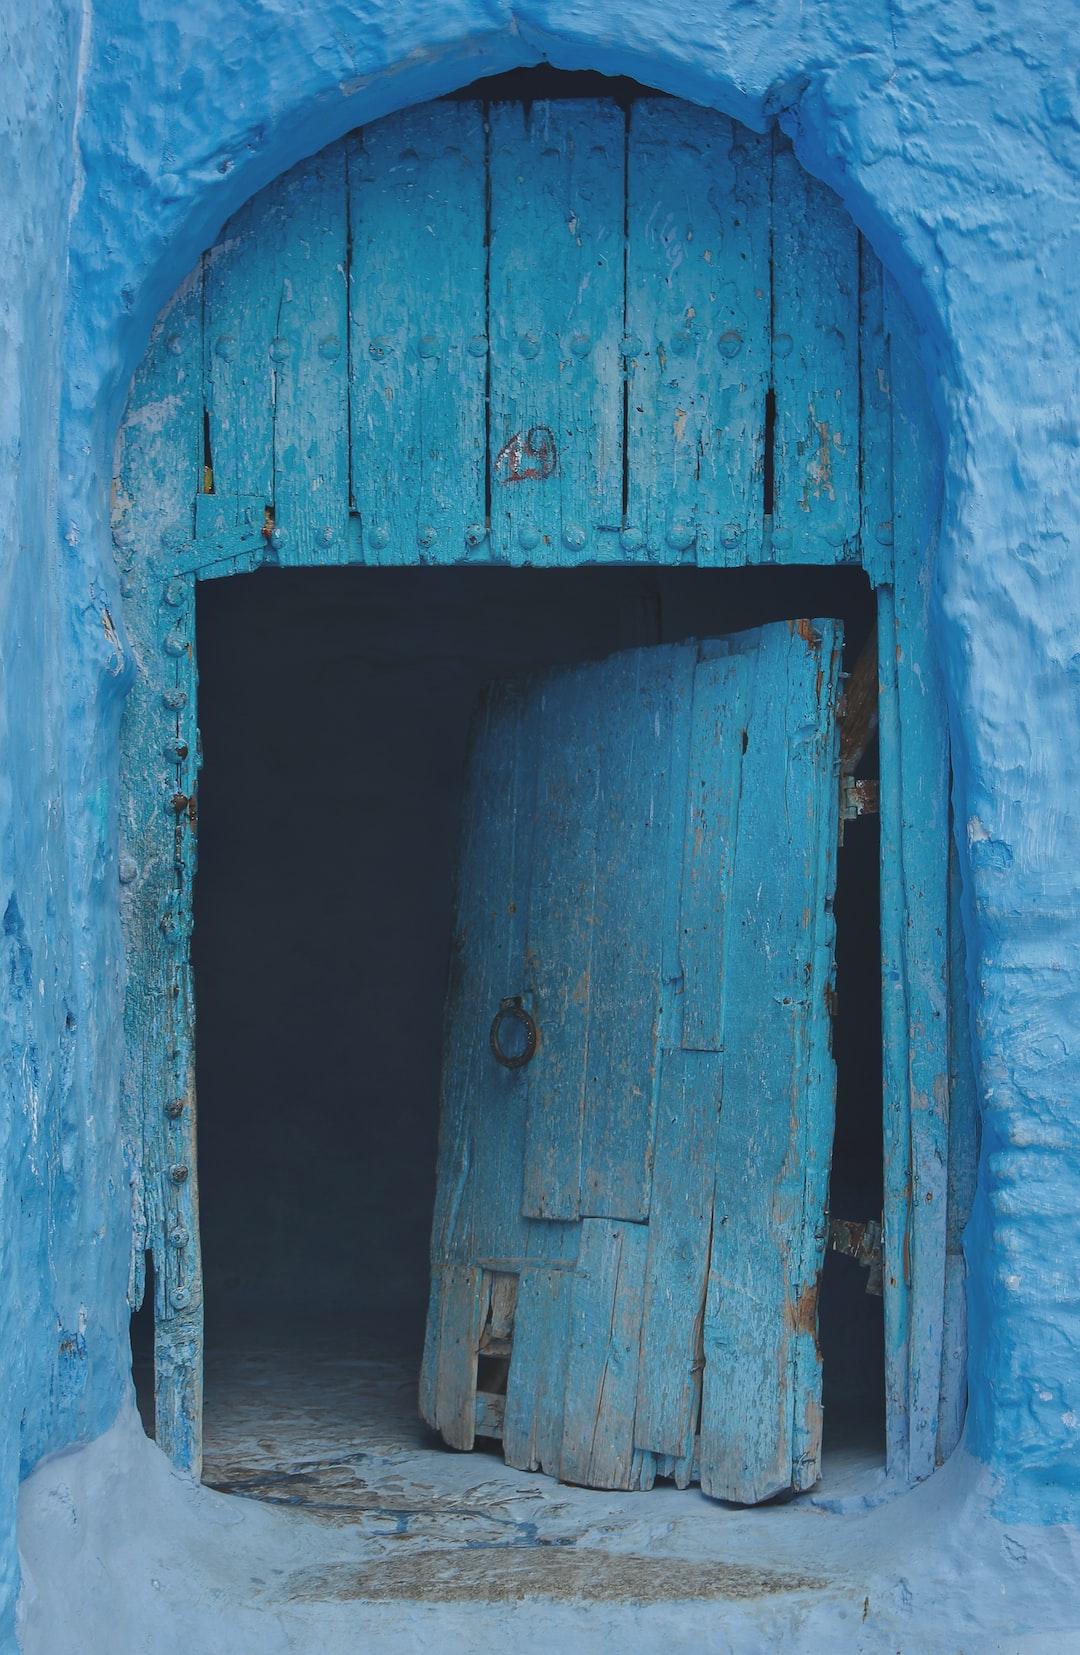 Old Door Photo By Oumaima Ben Chebtit Oumi On Unsplash